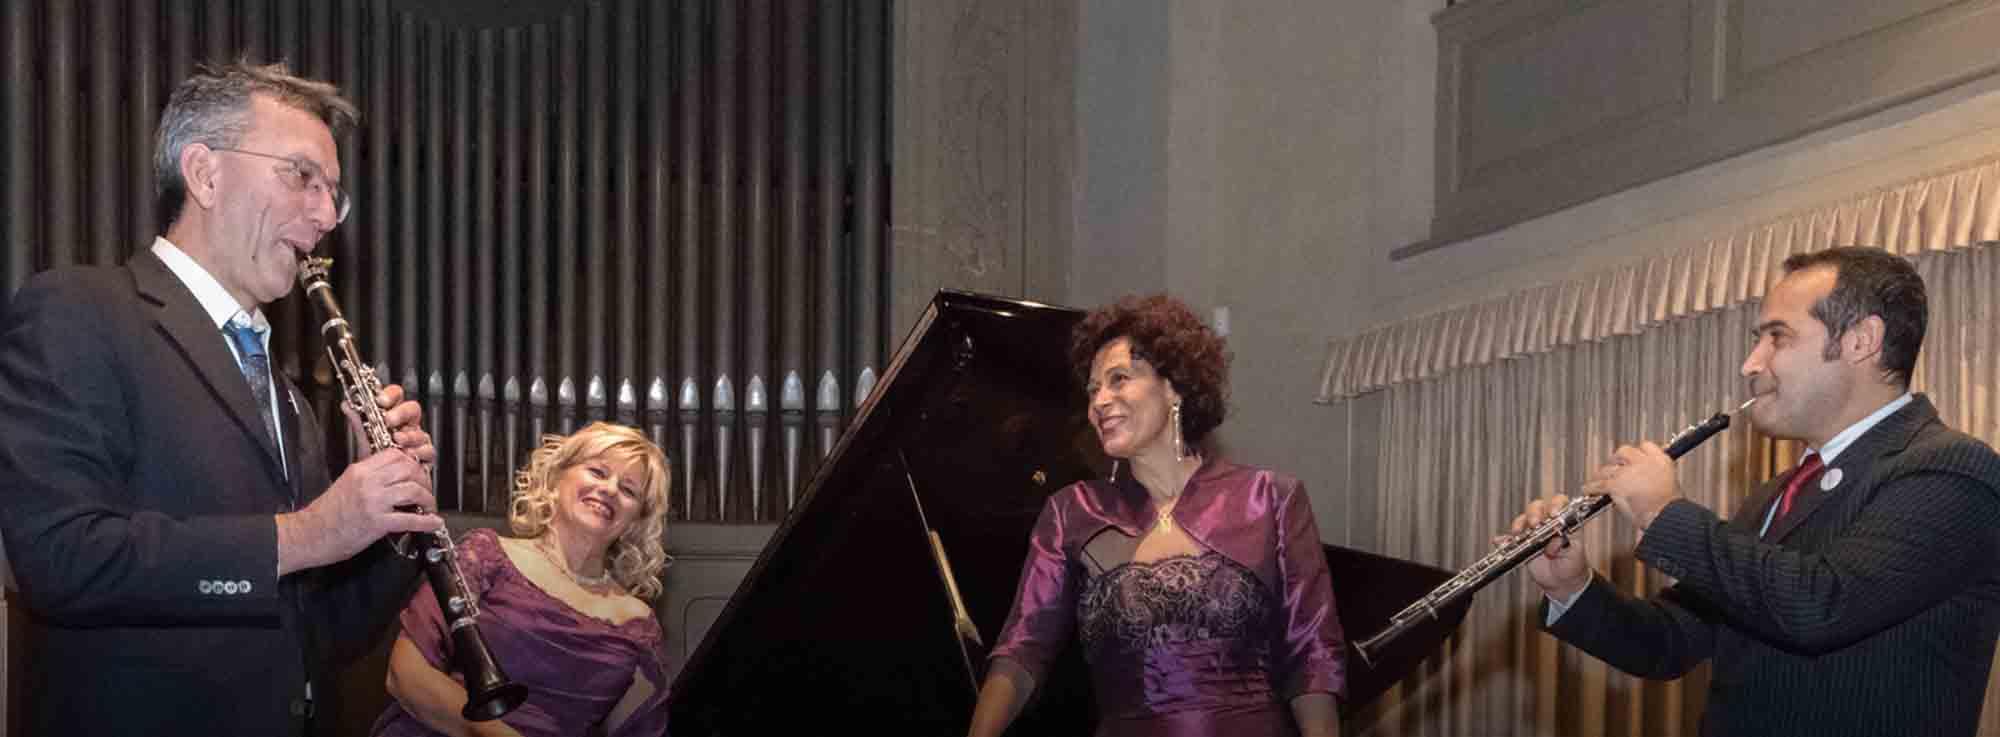 Brindisi: Concerto del Quartetto Harmony Ensemble